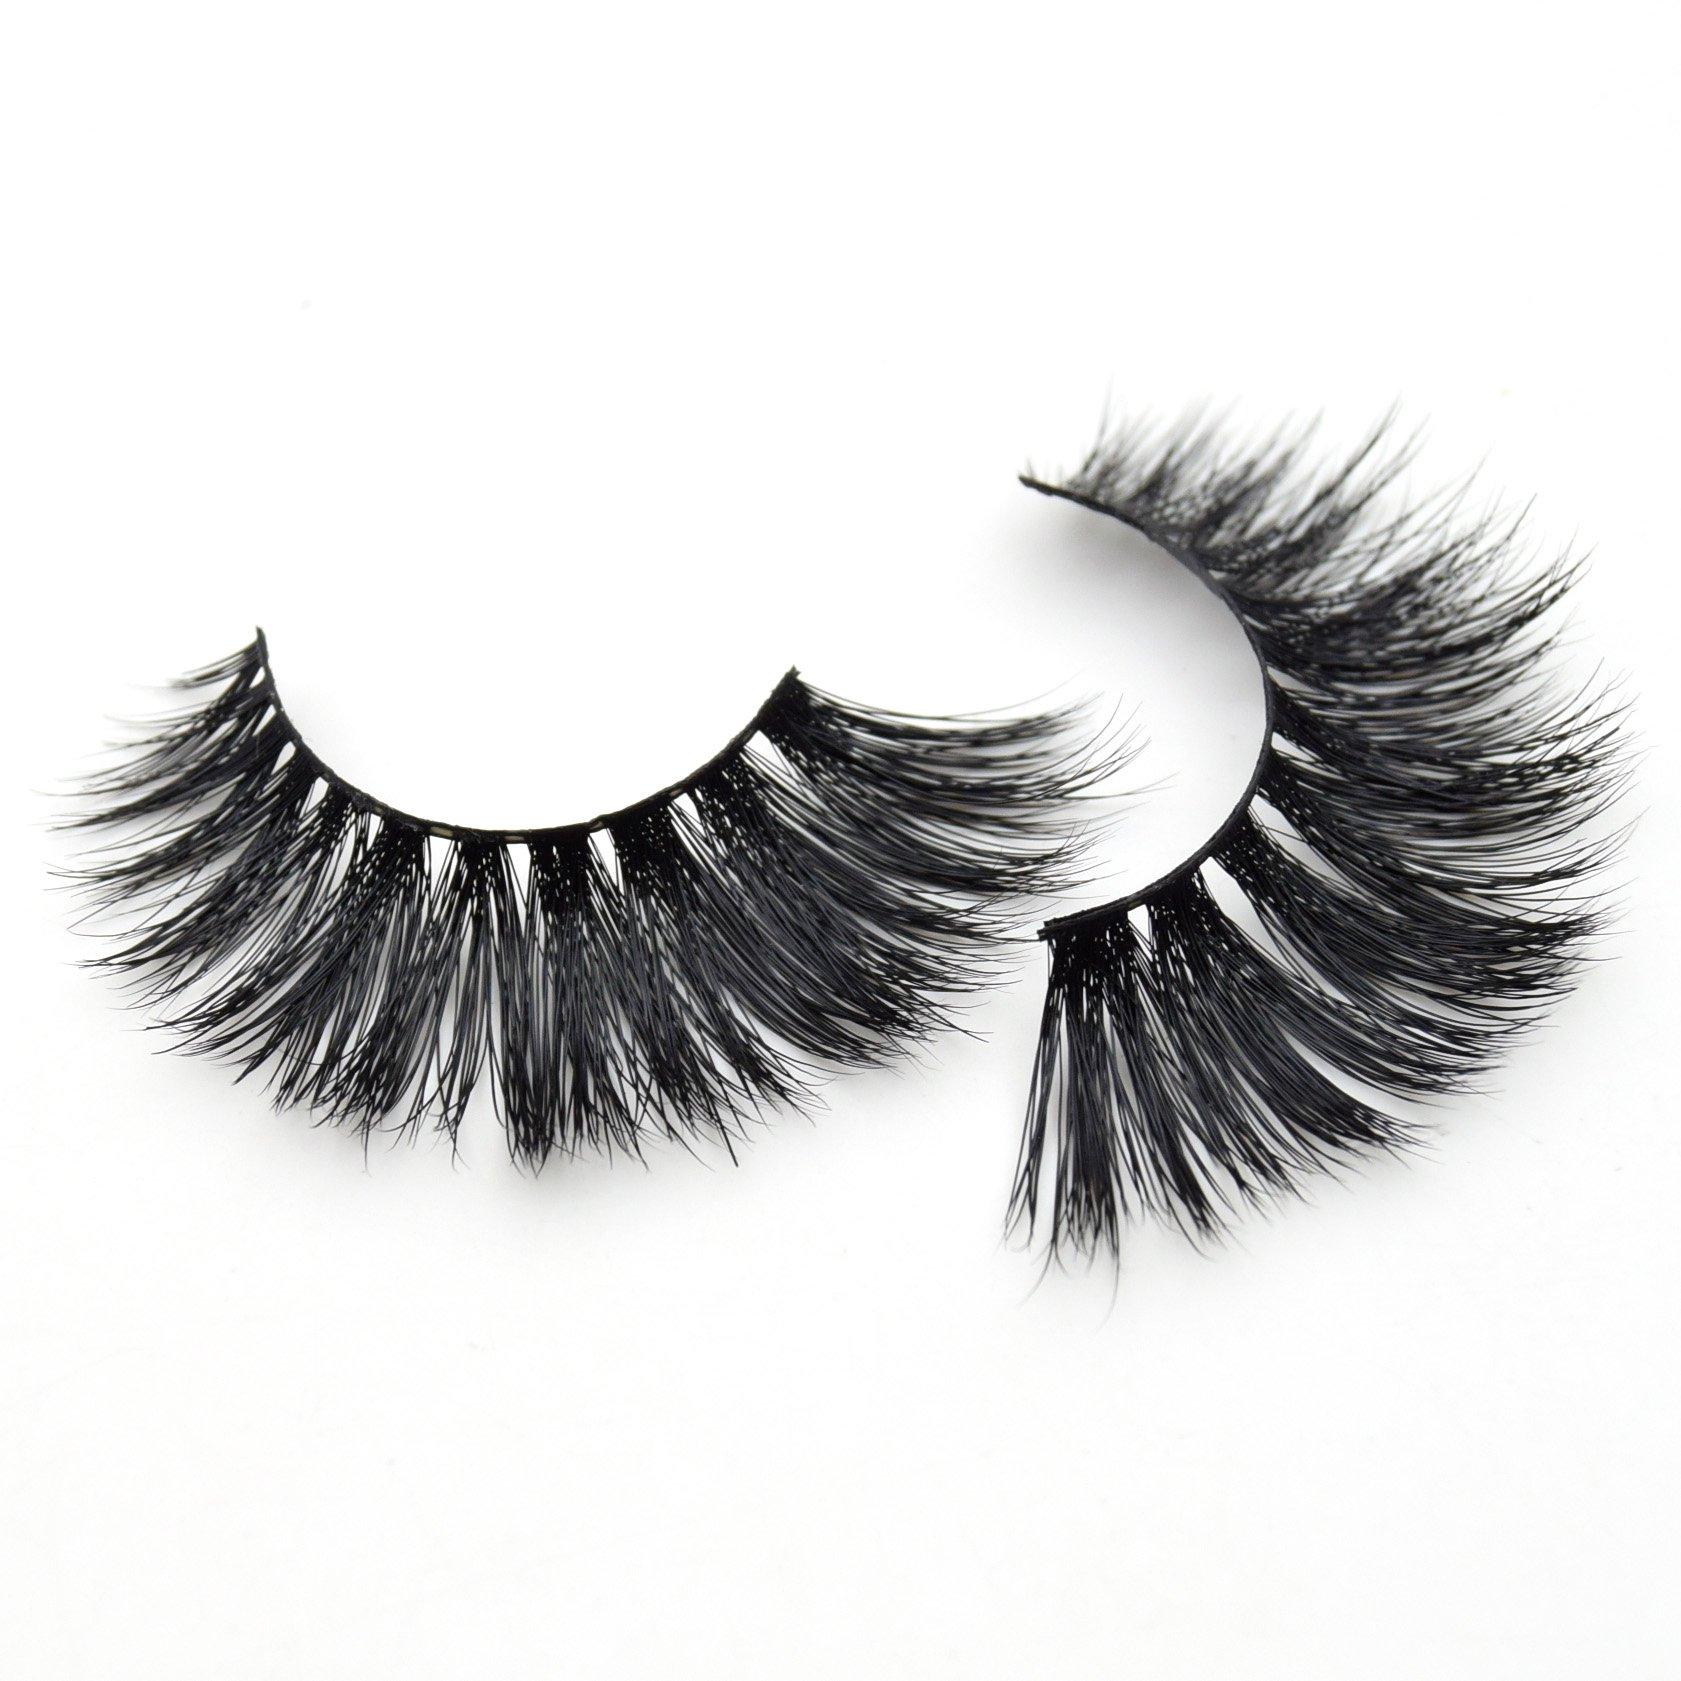 cb7d6fe5009 Amazon.com : Visofree Mink Eyelashes Handmade Eyelashes Extension High  Volume Lashes/False Eyelashes : Beauty